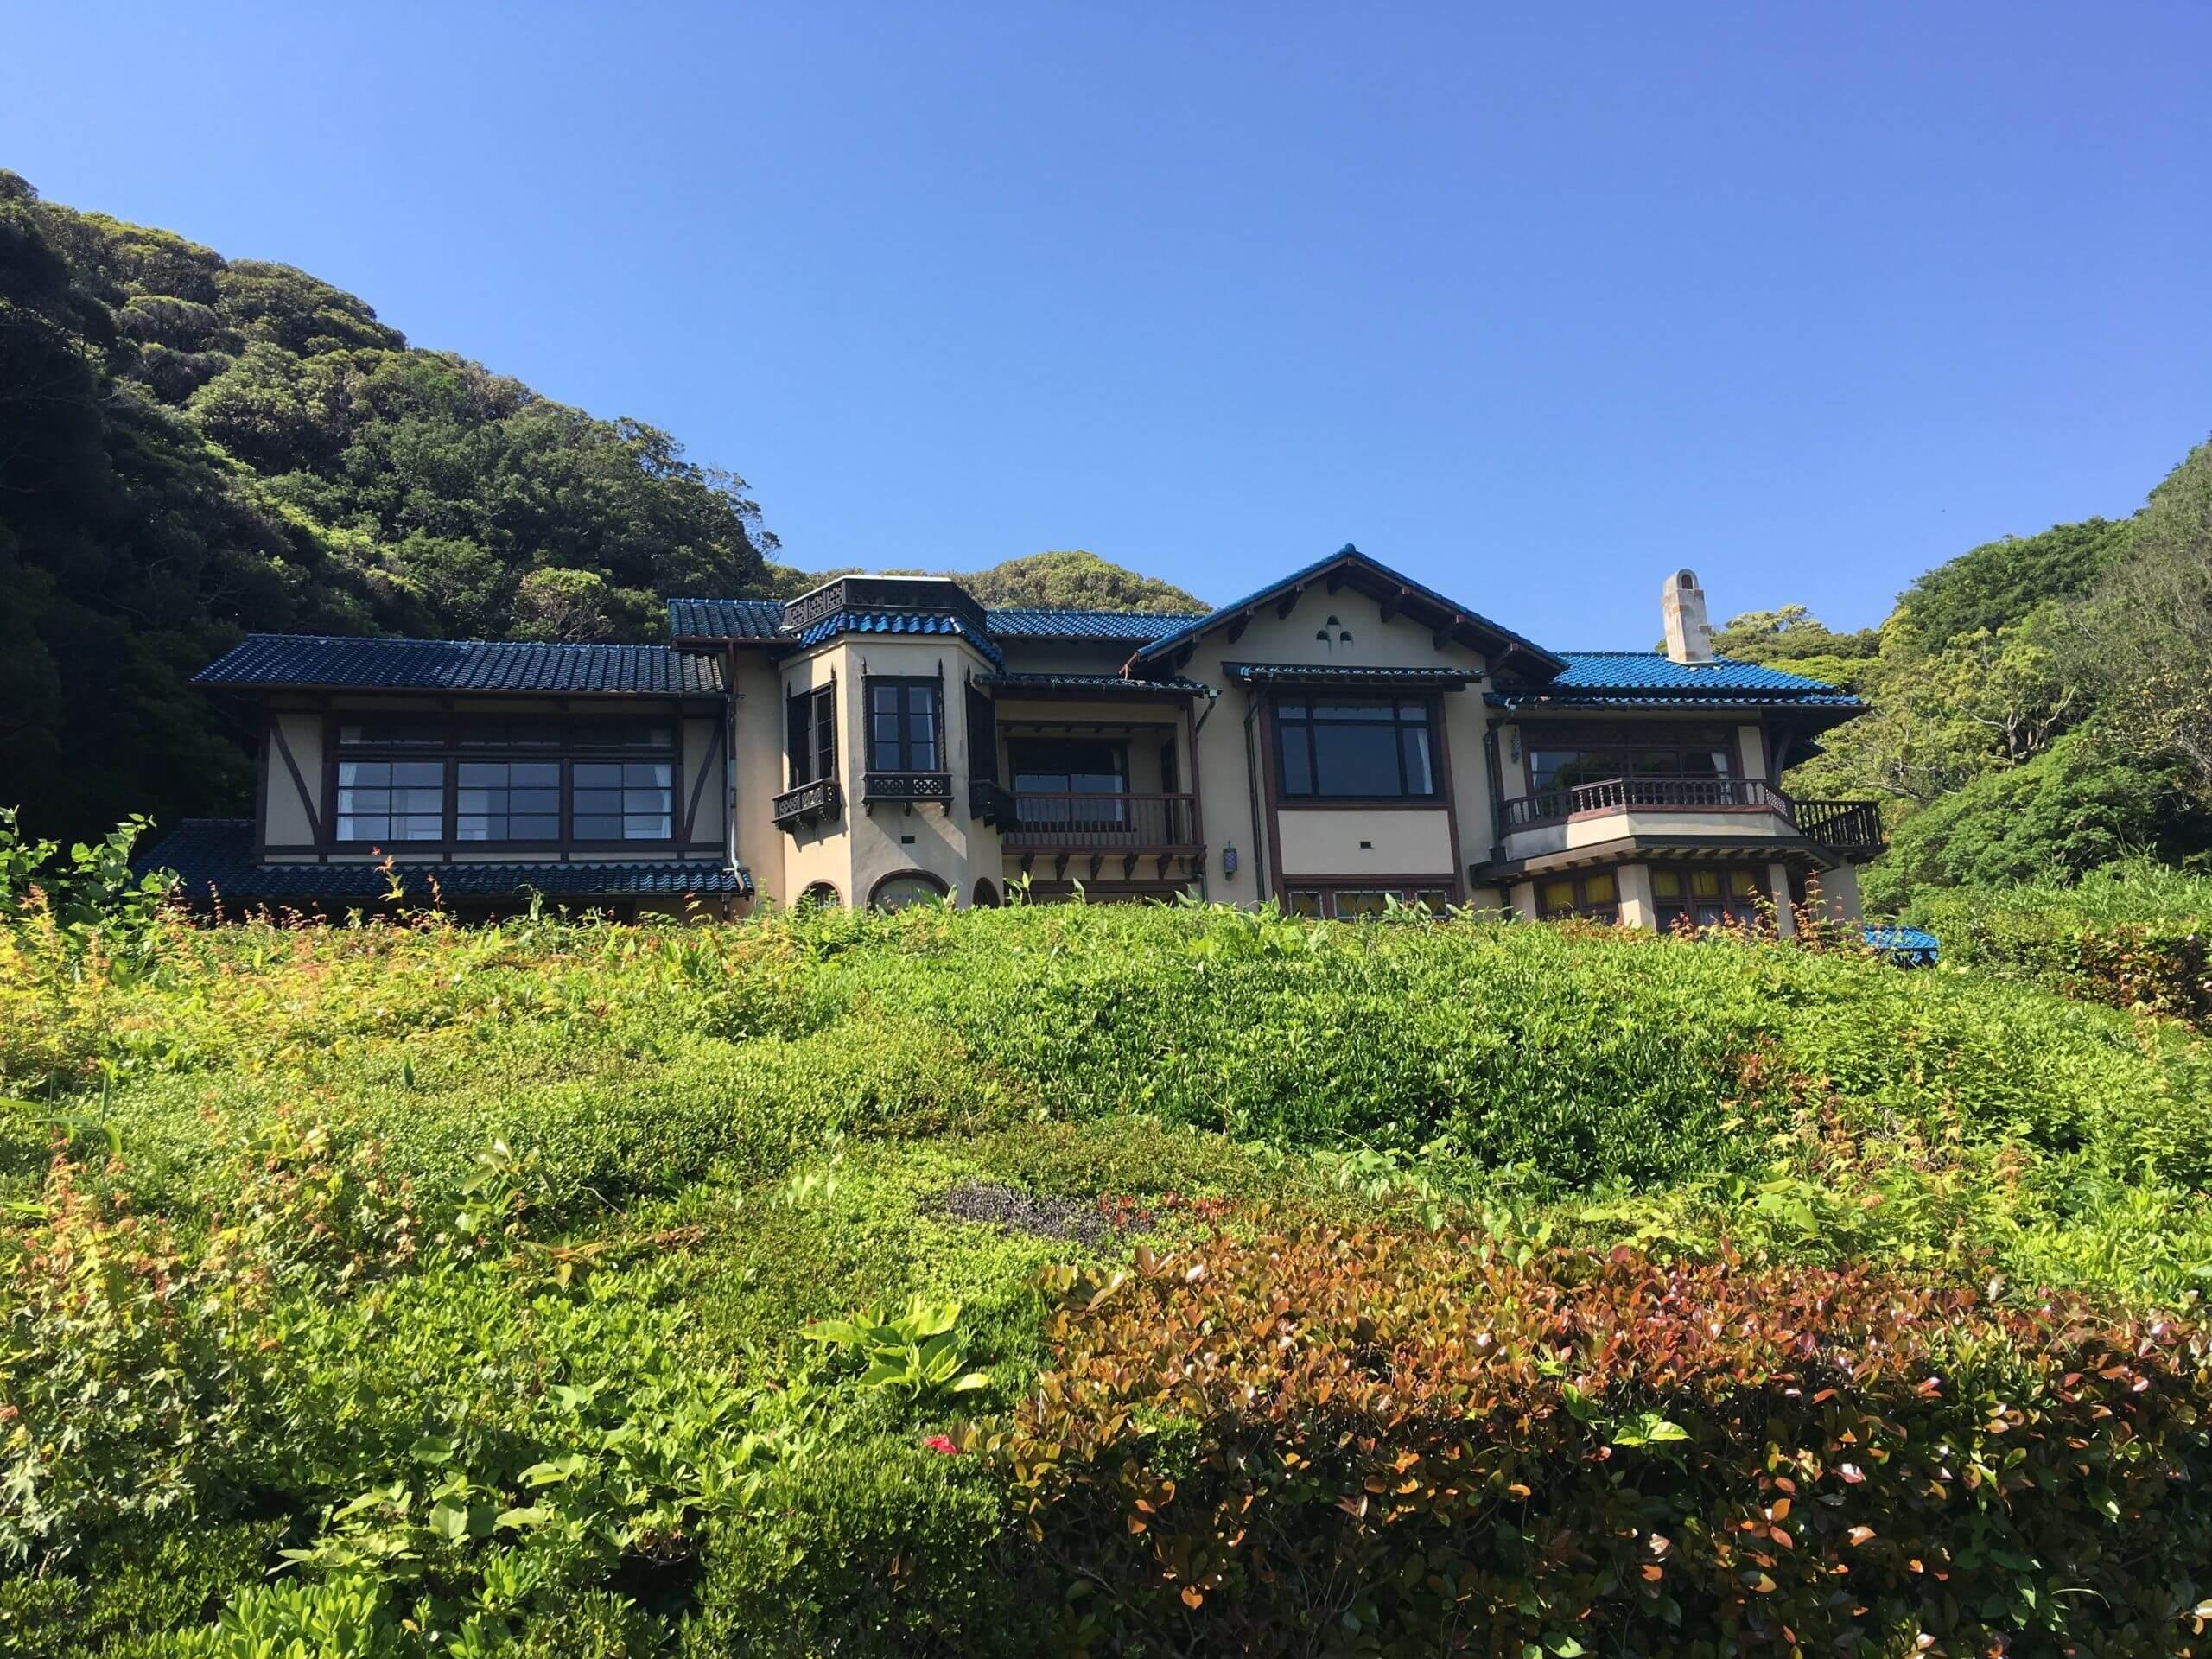 鎌倉_鎌倉文学館